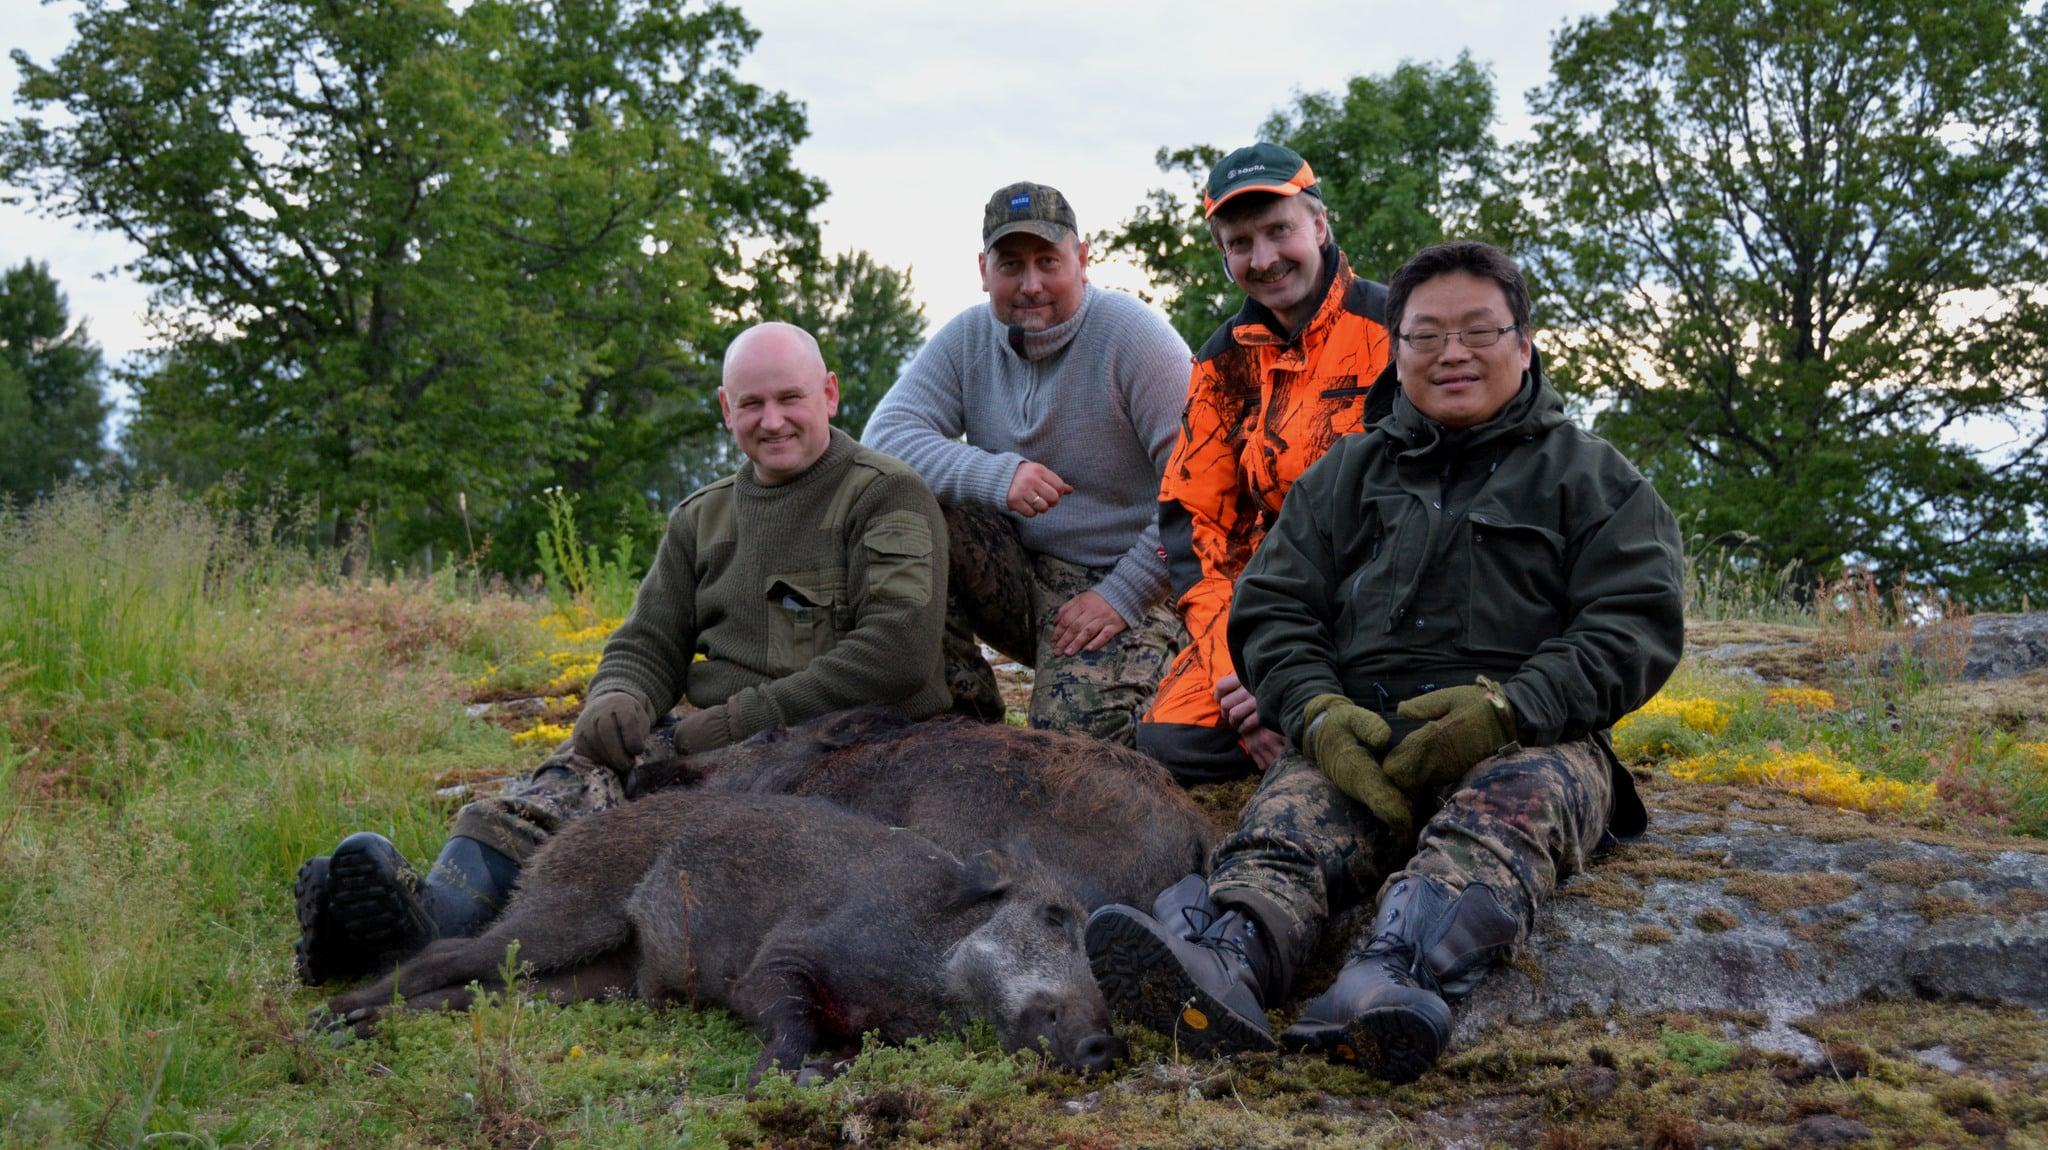 Från höger John Farbrot som sköt det tusende vildsvinet, markägaren Leif Franzén, jaktledaren för den norska gruppen Jon Arild Albrektsen, och Roger Abusland som sköt vildsvin nummer 1.001 en timme senare än det tusende fälldes. Foto: Privat